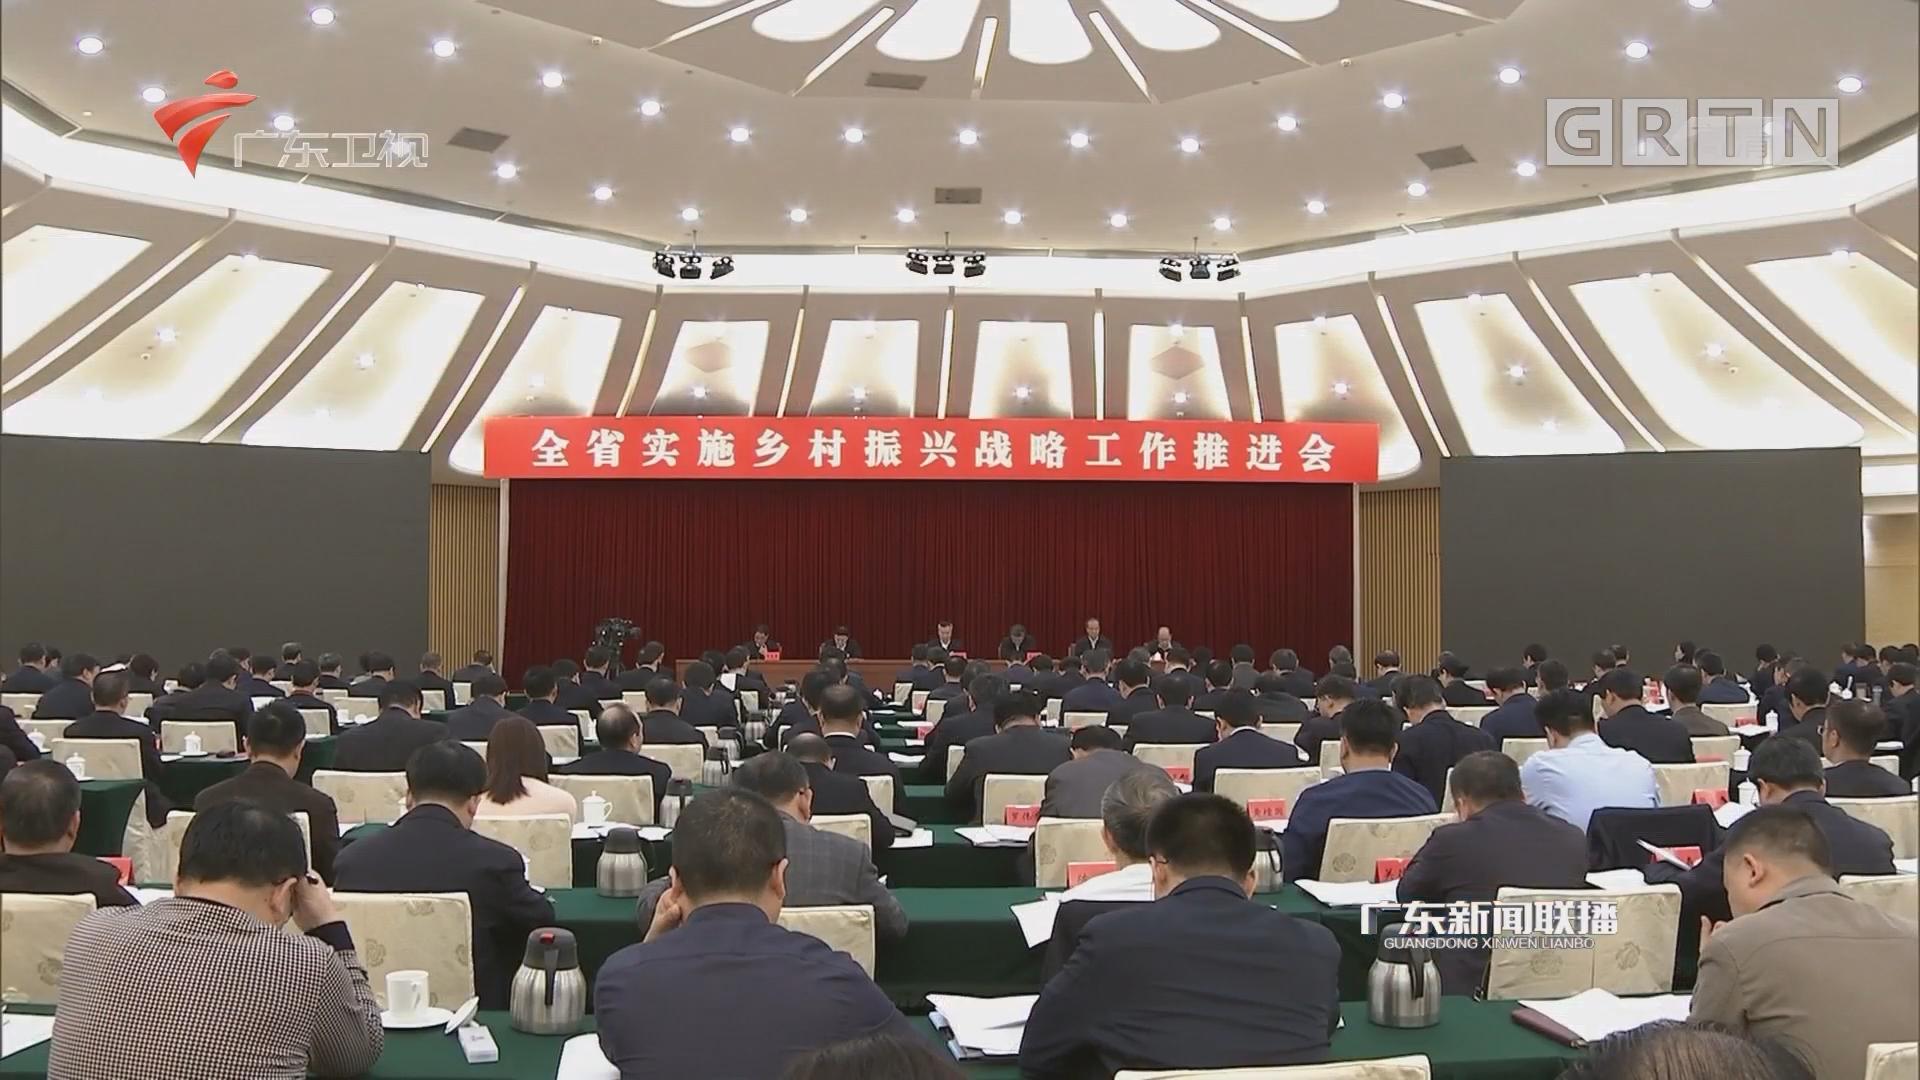 全省实施乡村振兴战略工作推进会在广州召开 对标全面建成小康社会必须完成的硬任务 坚定不移推进实施乡村振兴战略